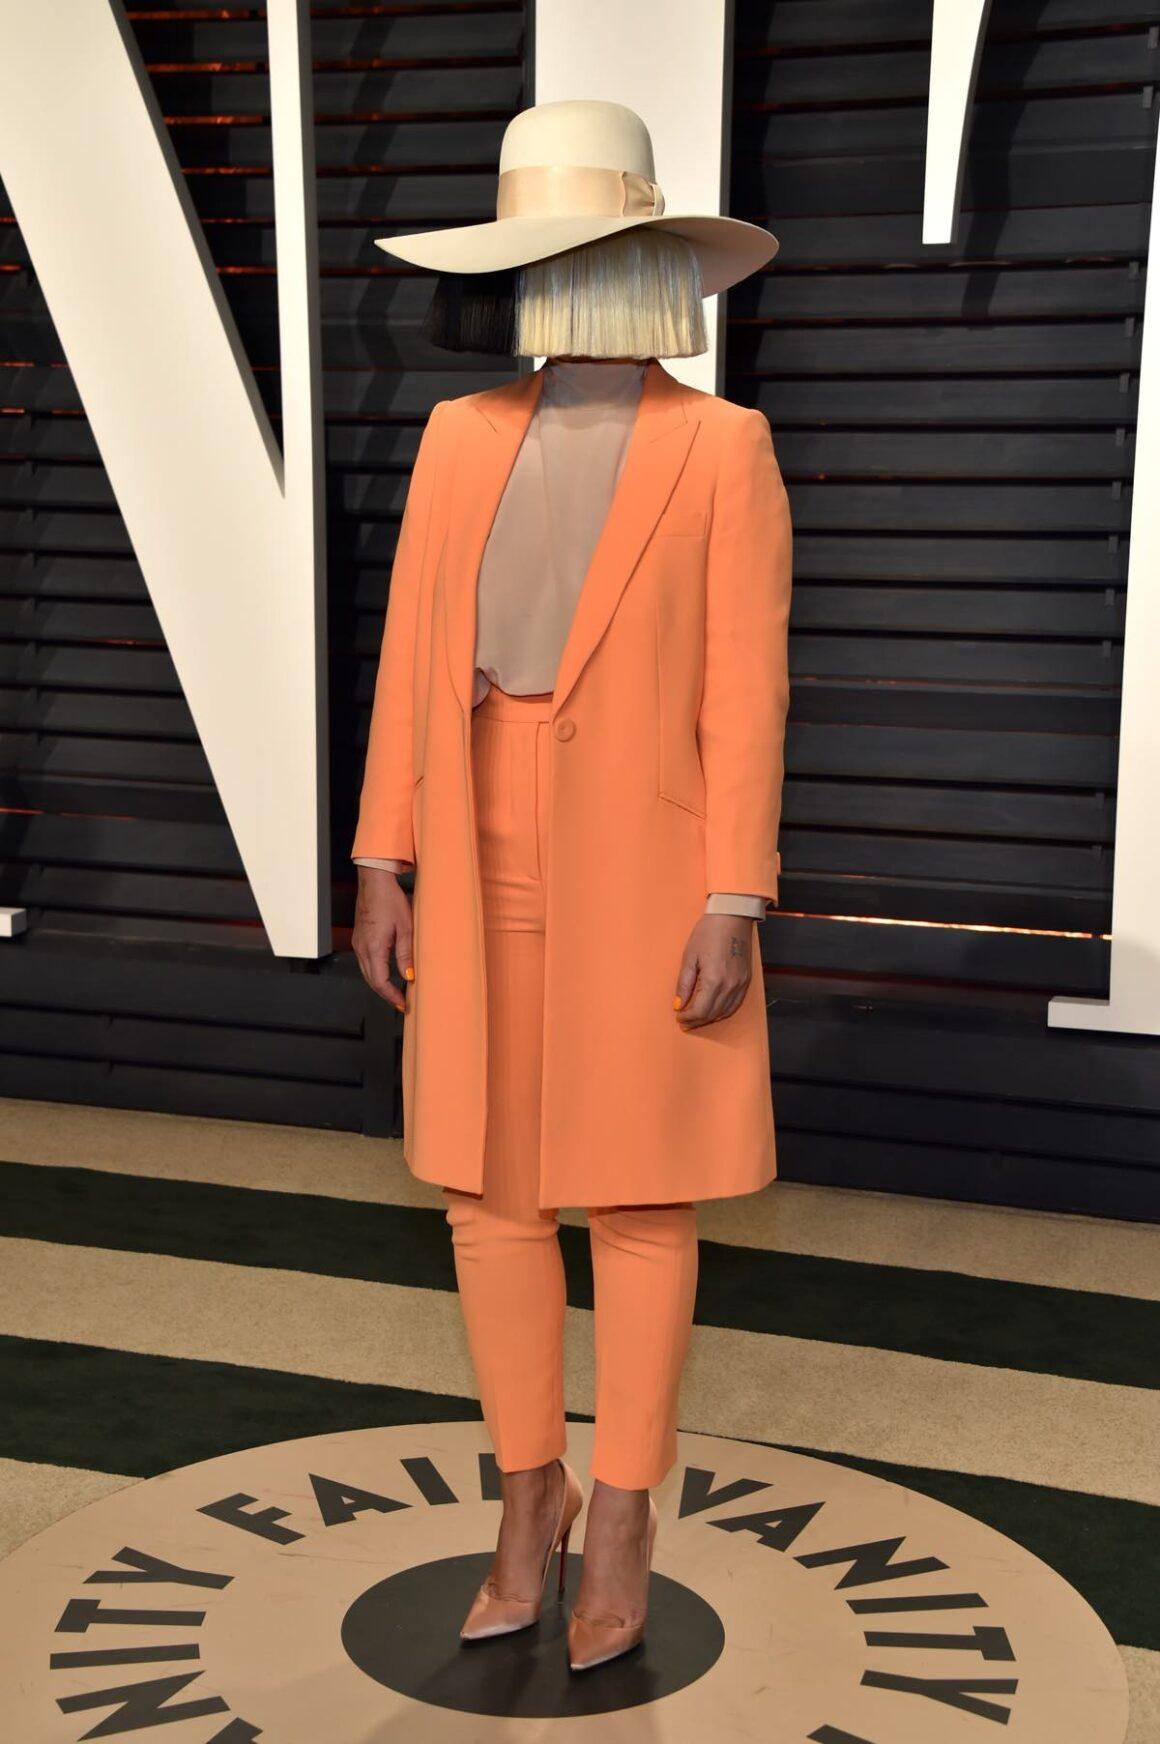 Sia 2017 Vanity Fair Oscar Party Hosted By Graydon Carter - Arrivals